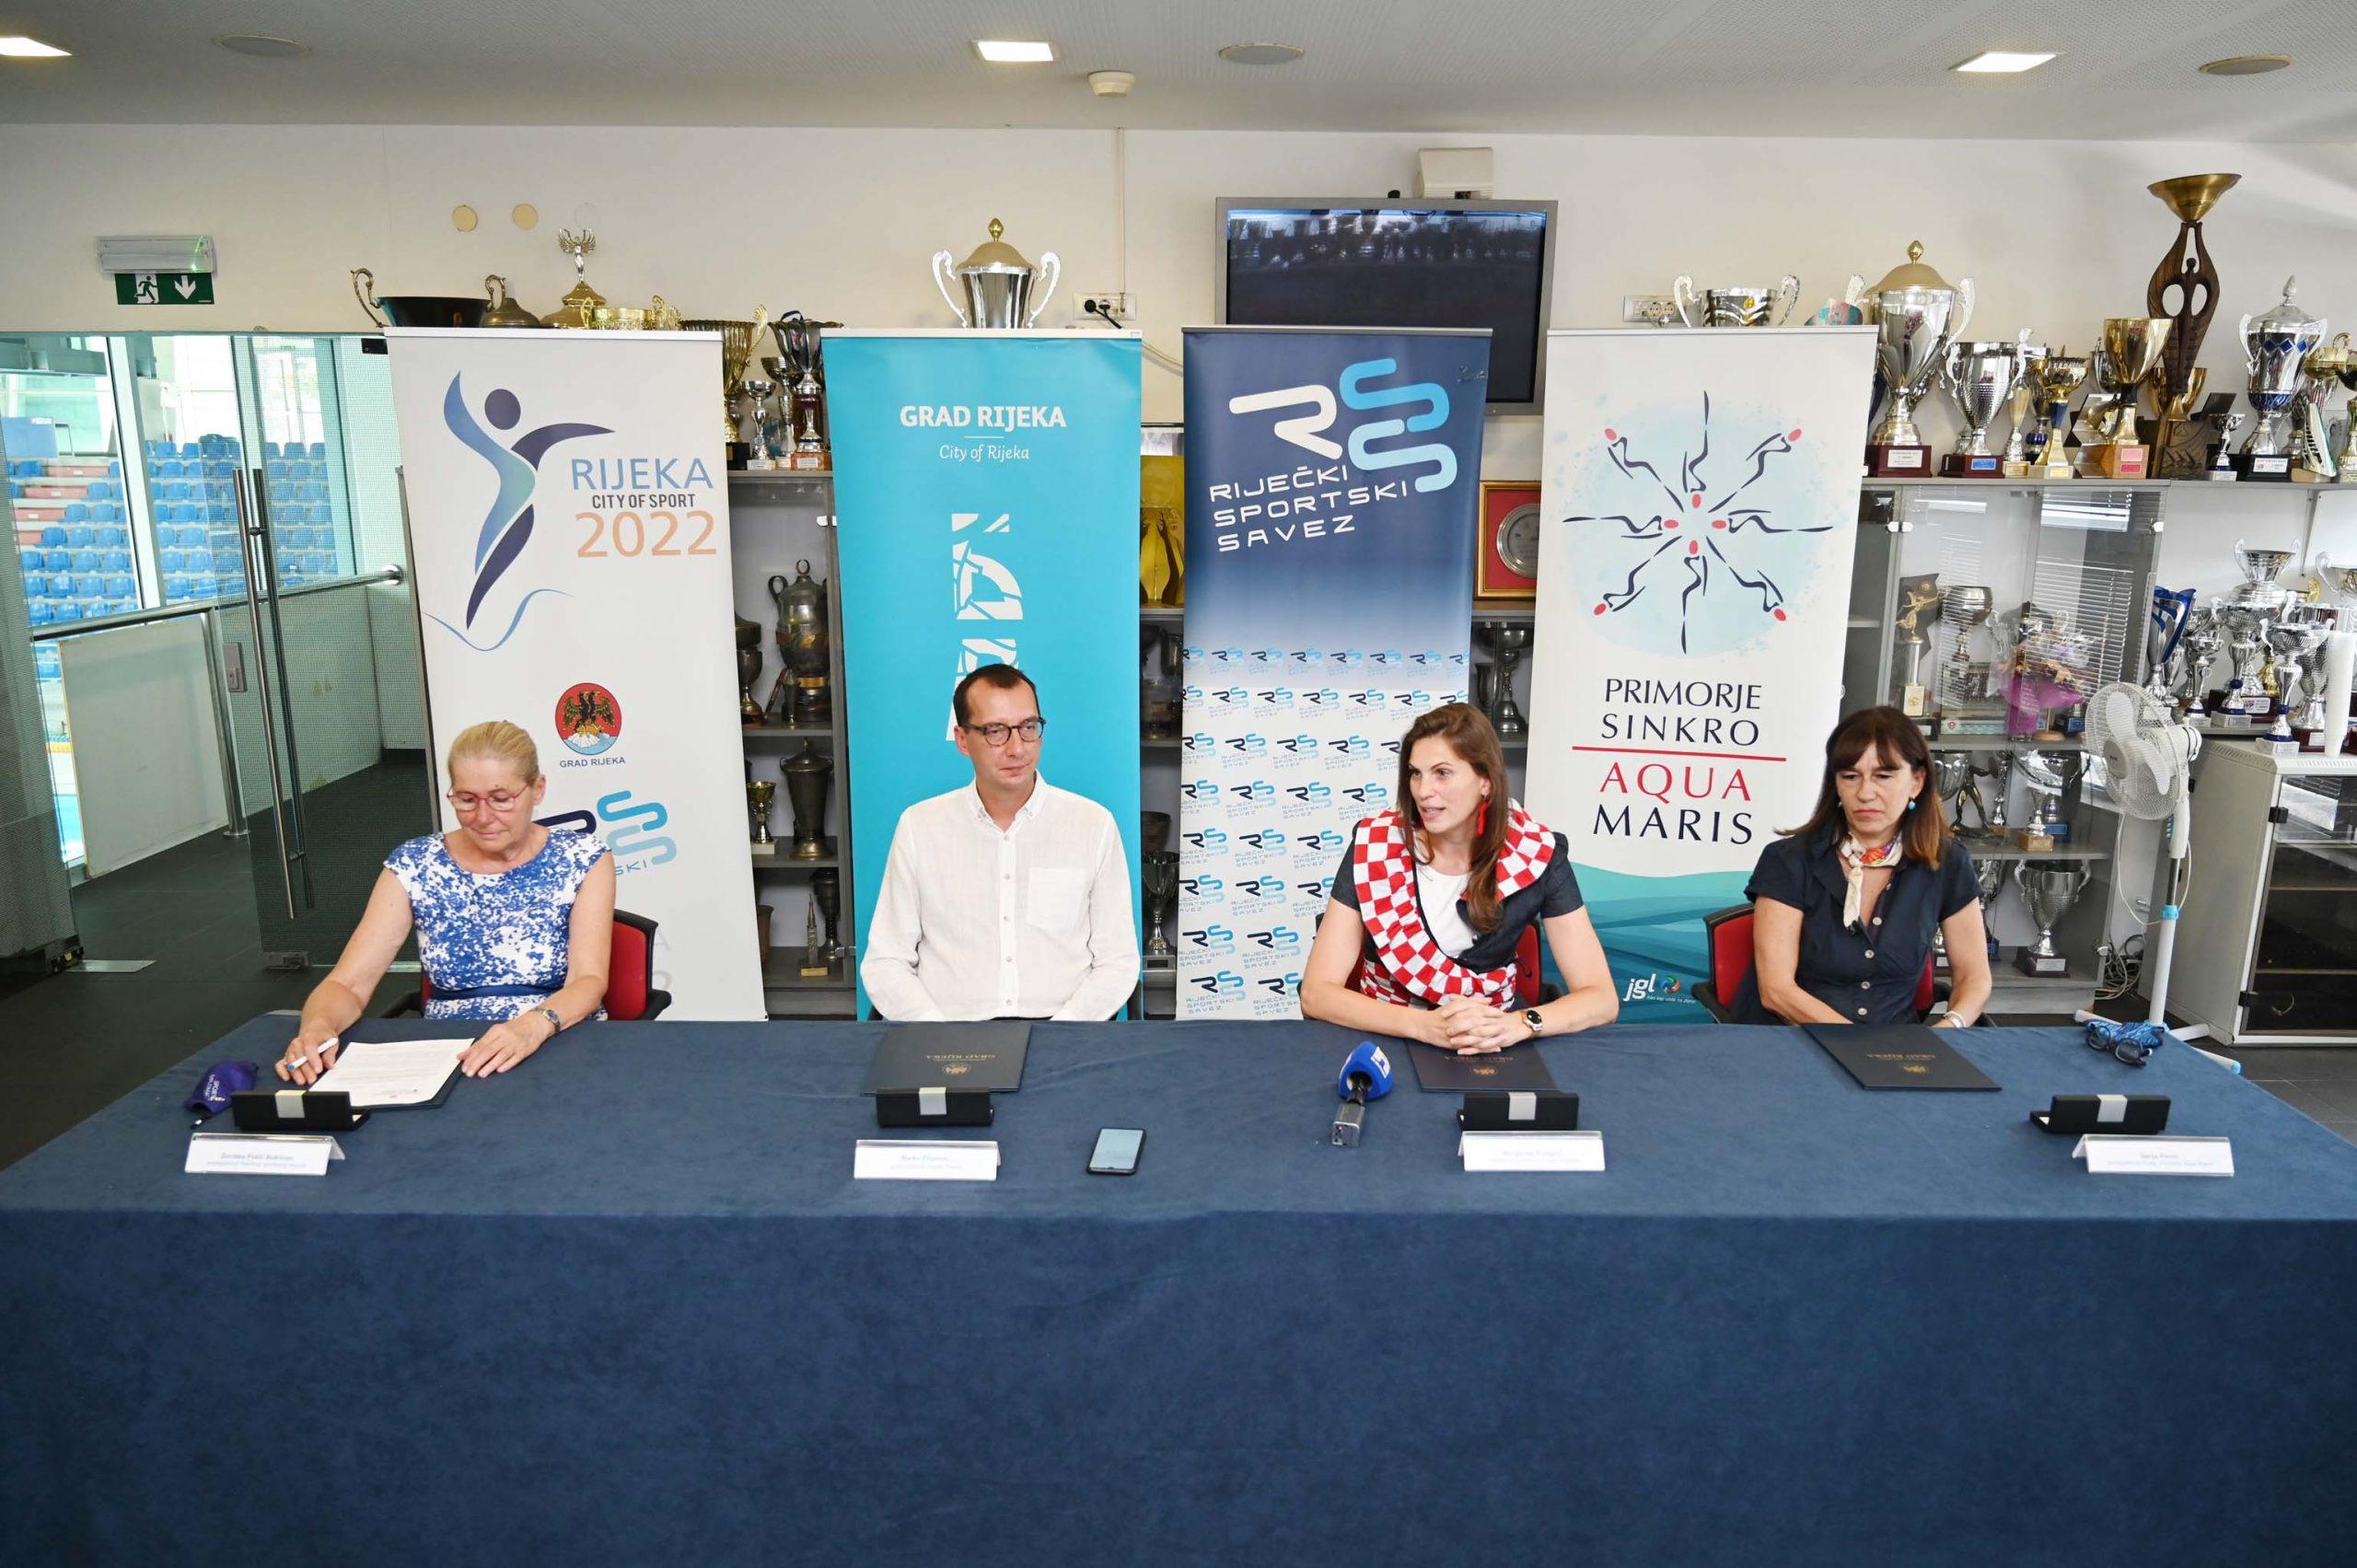 Dorotea Pešić Bukovac, Marko Filipović, Margareta Puškarić i Sanja Pavić/Foto M. LEVAK